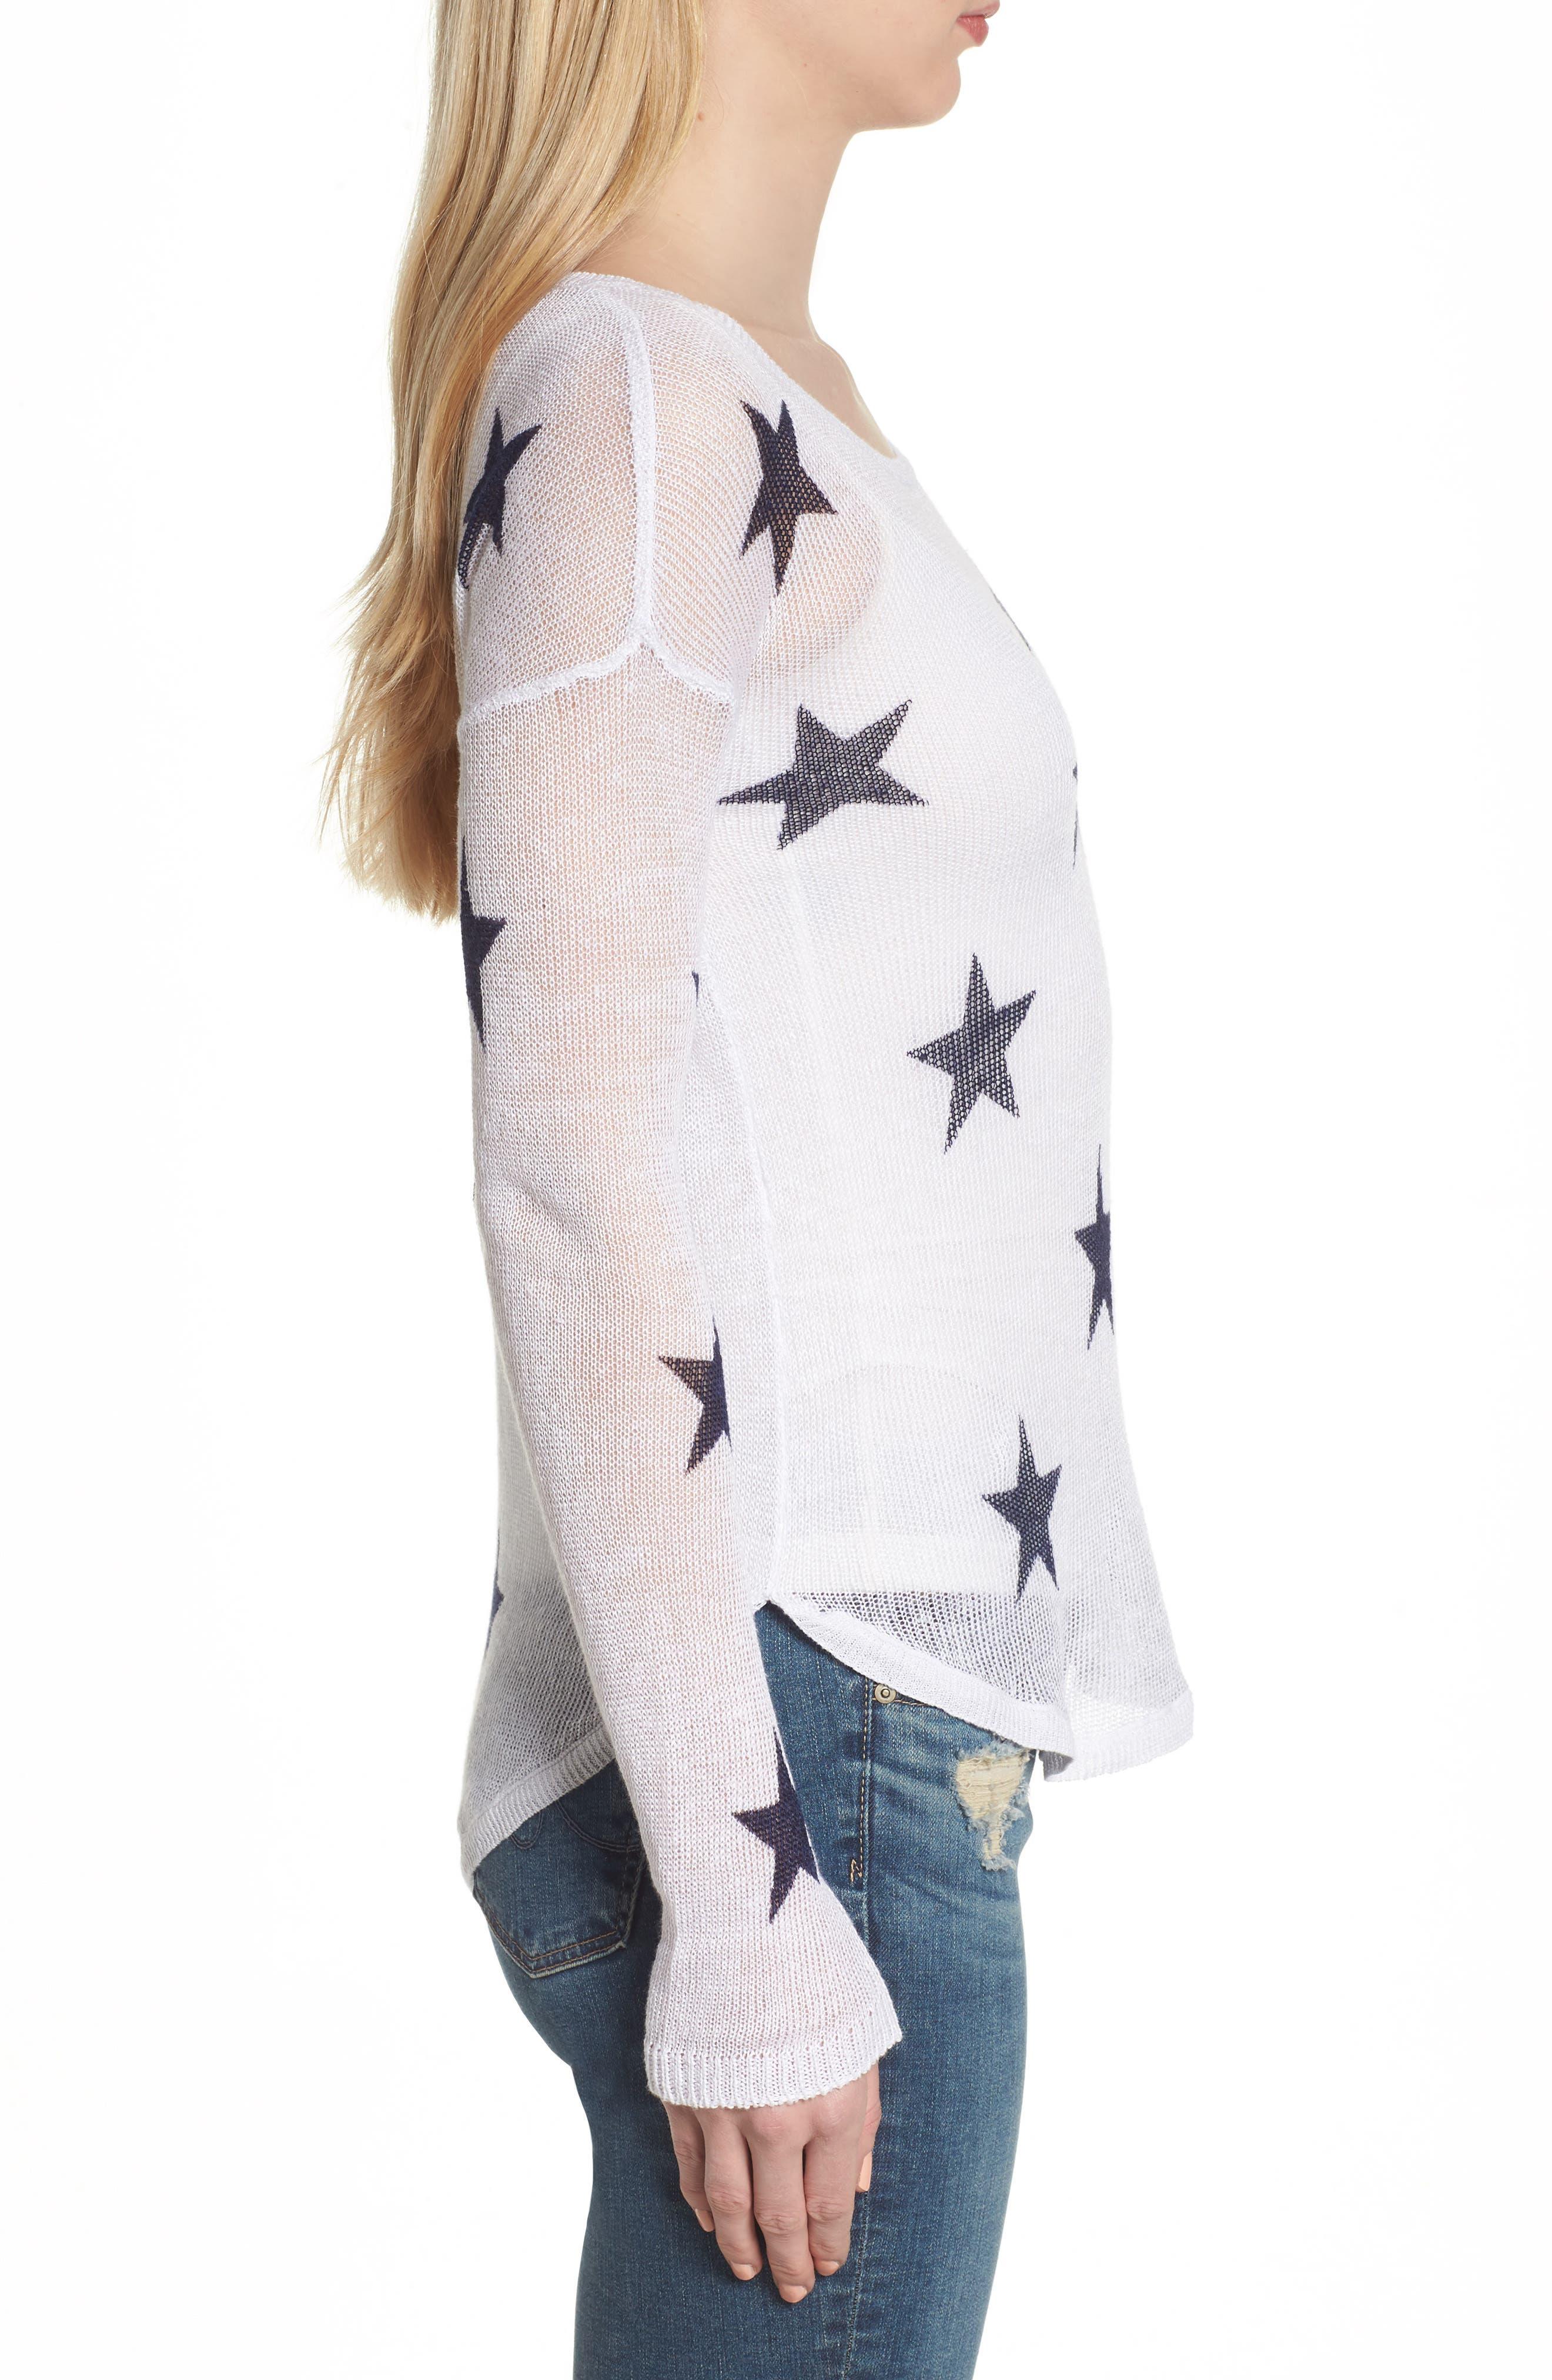 Perri Linen Sweater,                             Alternate thumbnail 3, color,                             White Navy Stars